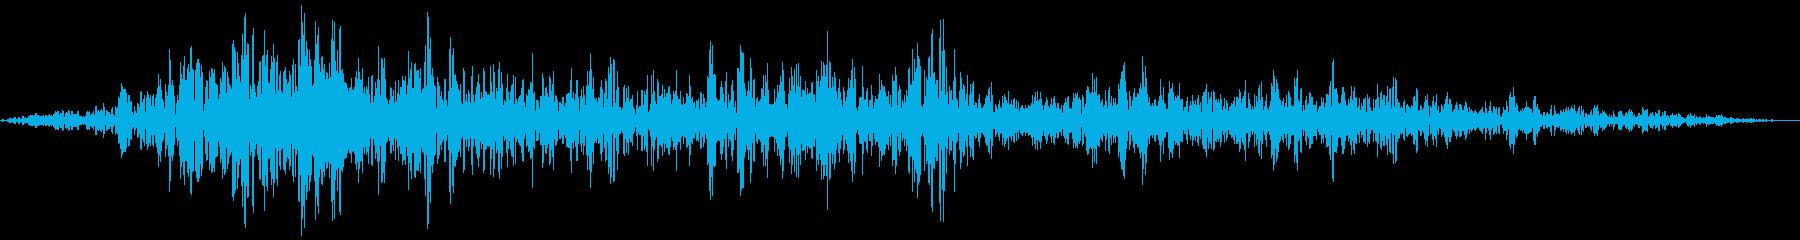 ドラゴンファイヤーウーッシュウィズ...の再生済みの波形